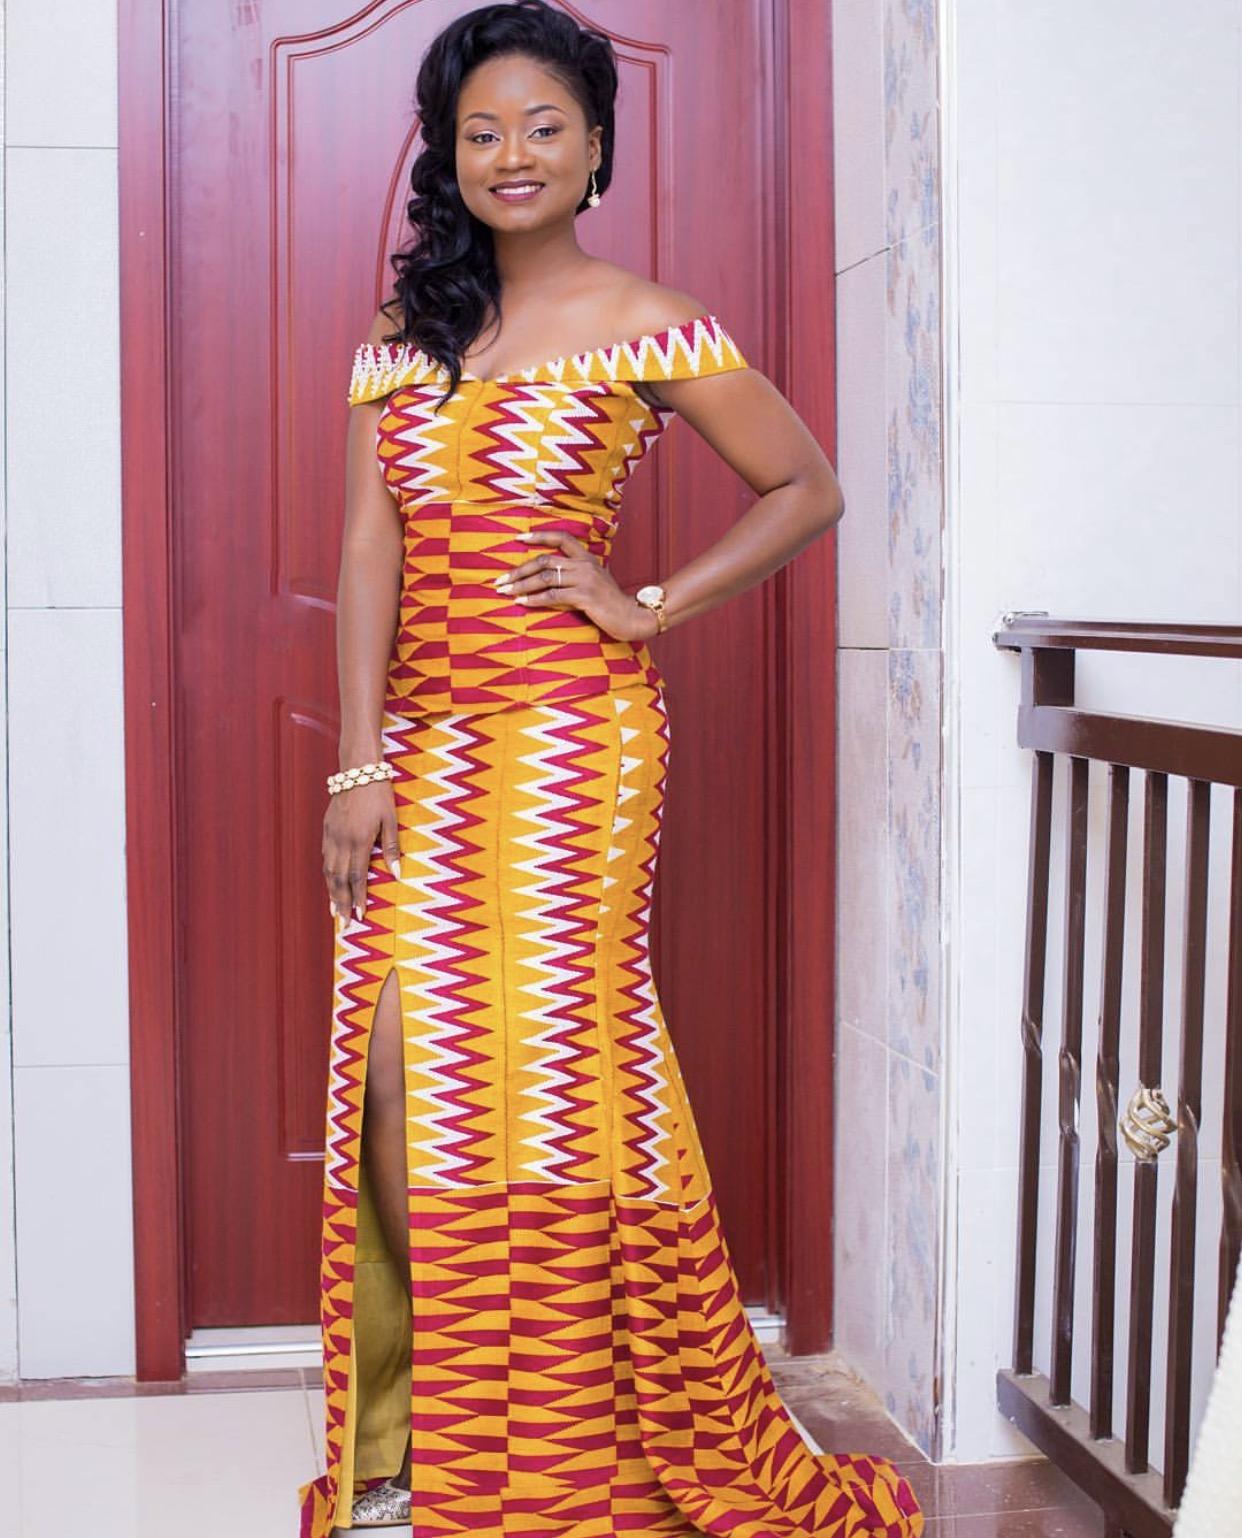 Modele Robe Africaine Mariage 58 Remise Www Boretec Com Tr